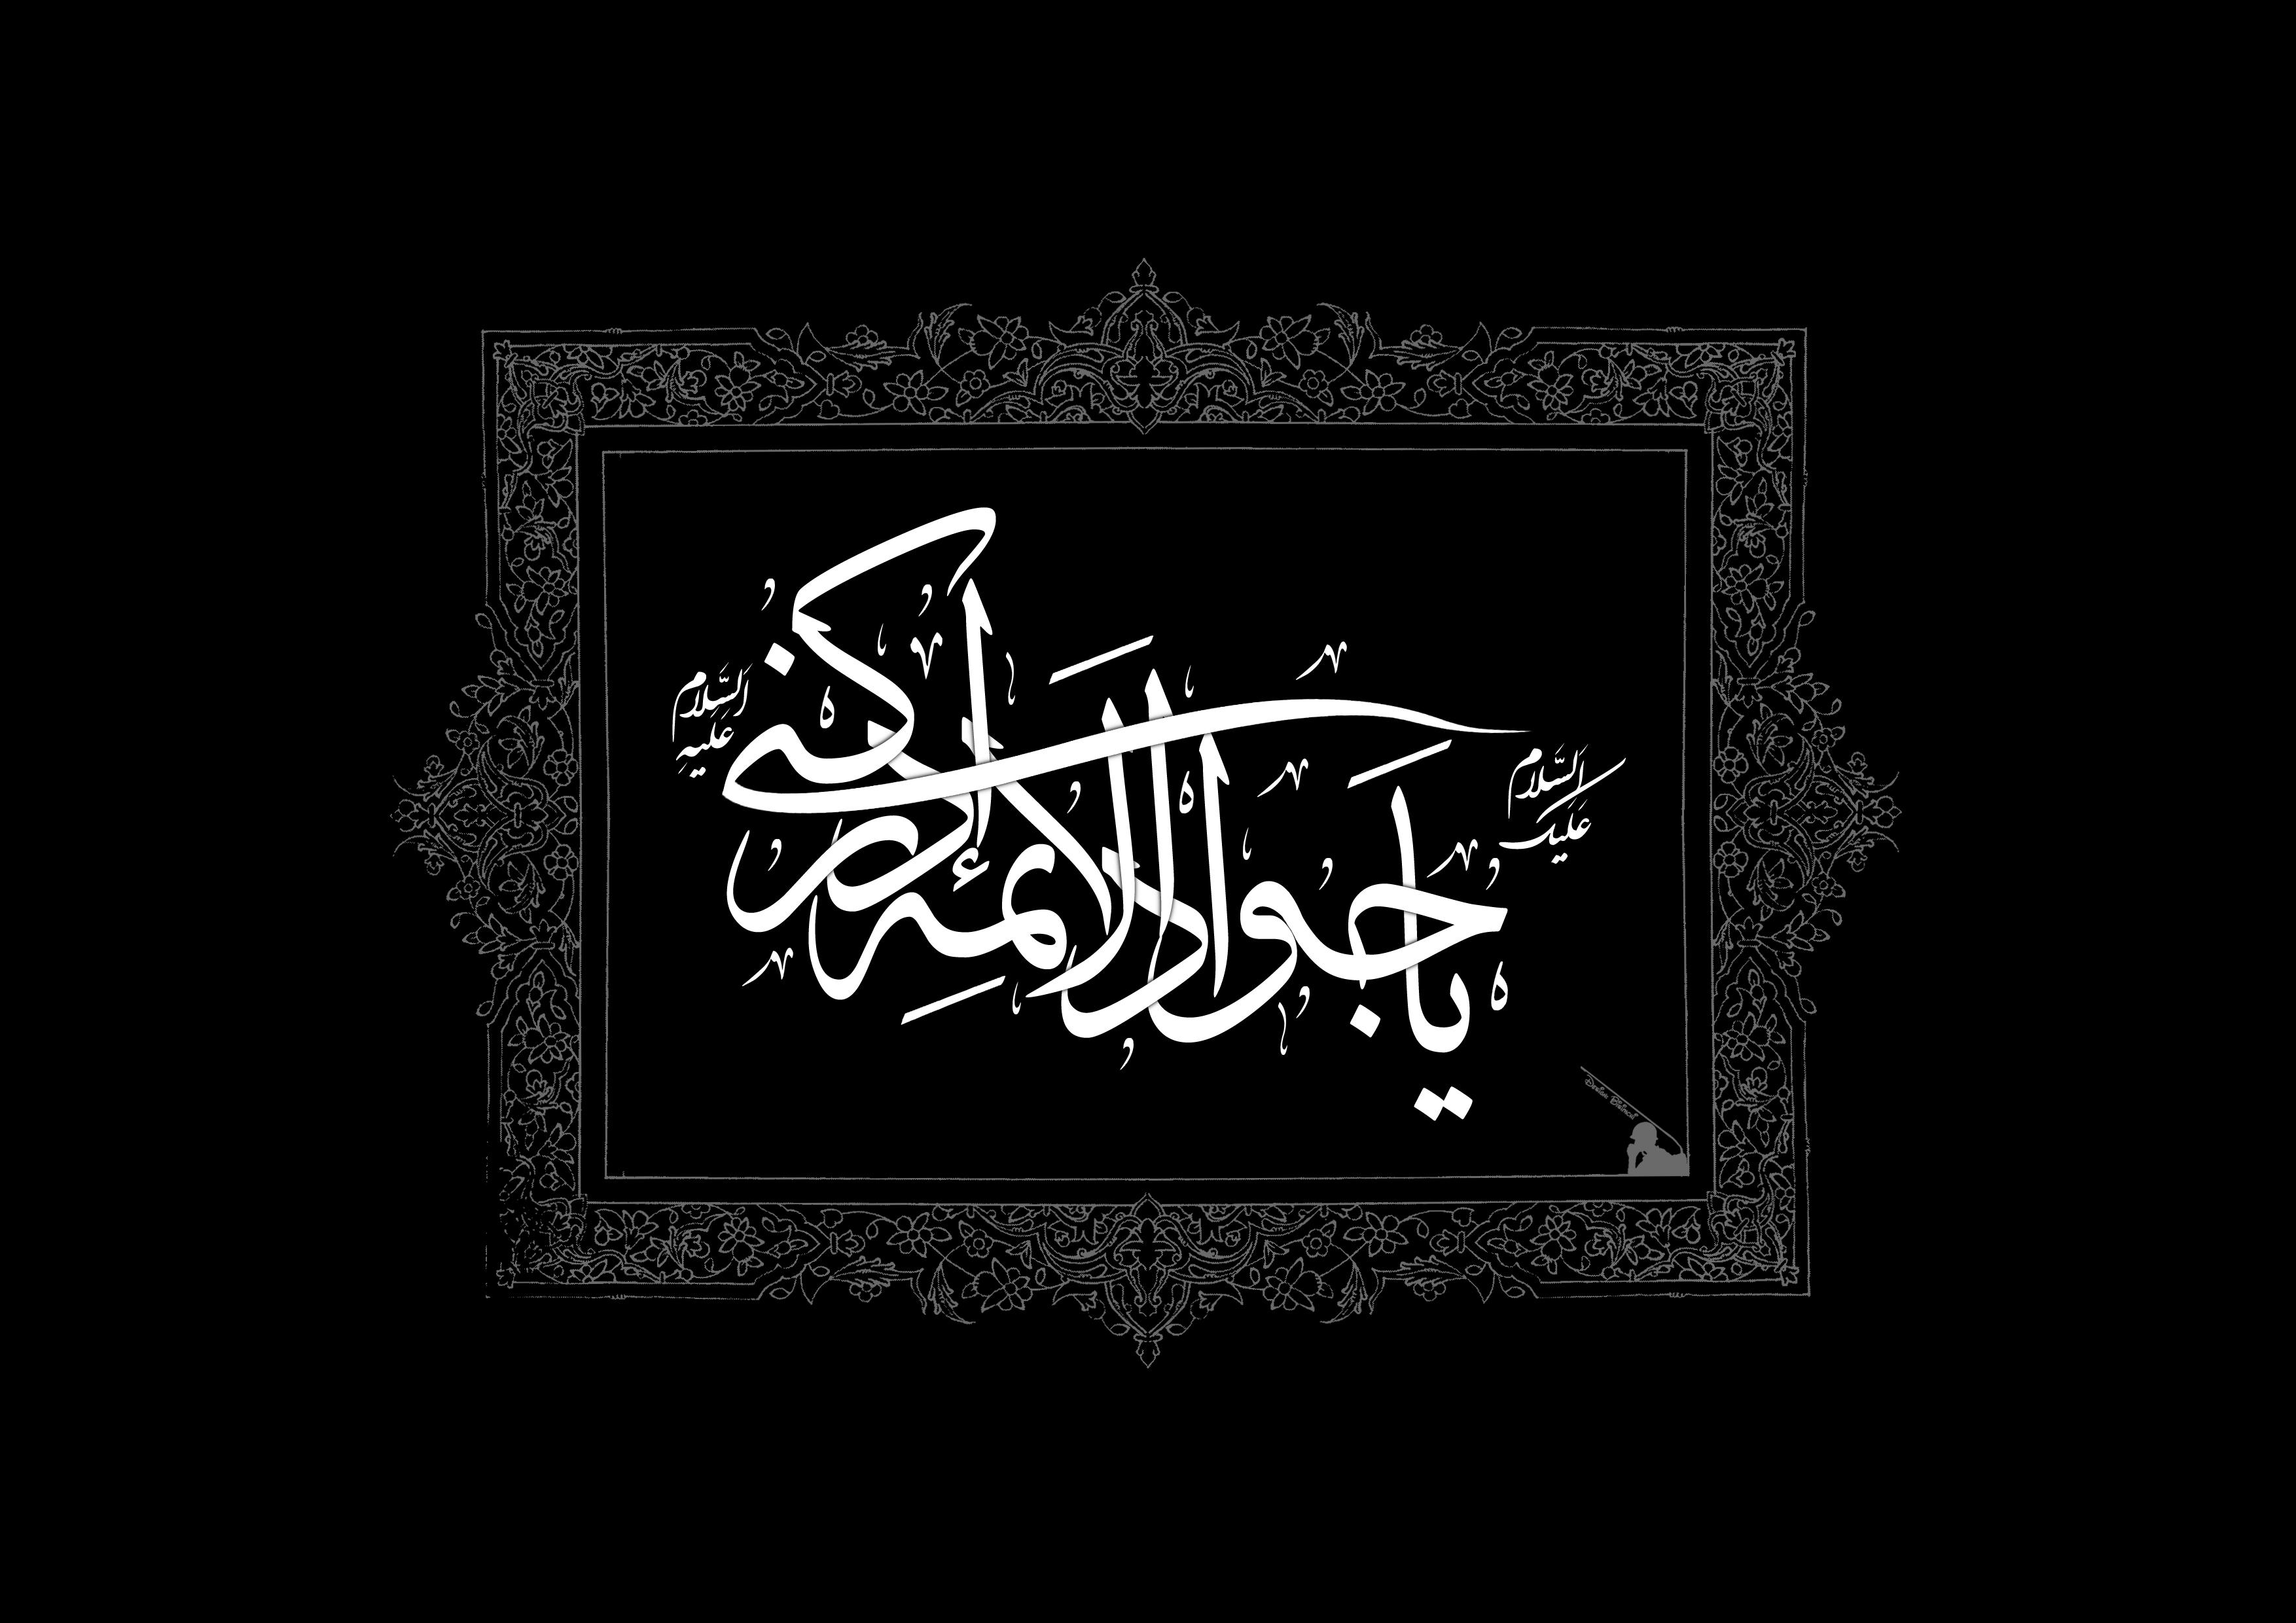 نتیجه تصویری برای شهادت امام محمد تقی علیه السلام